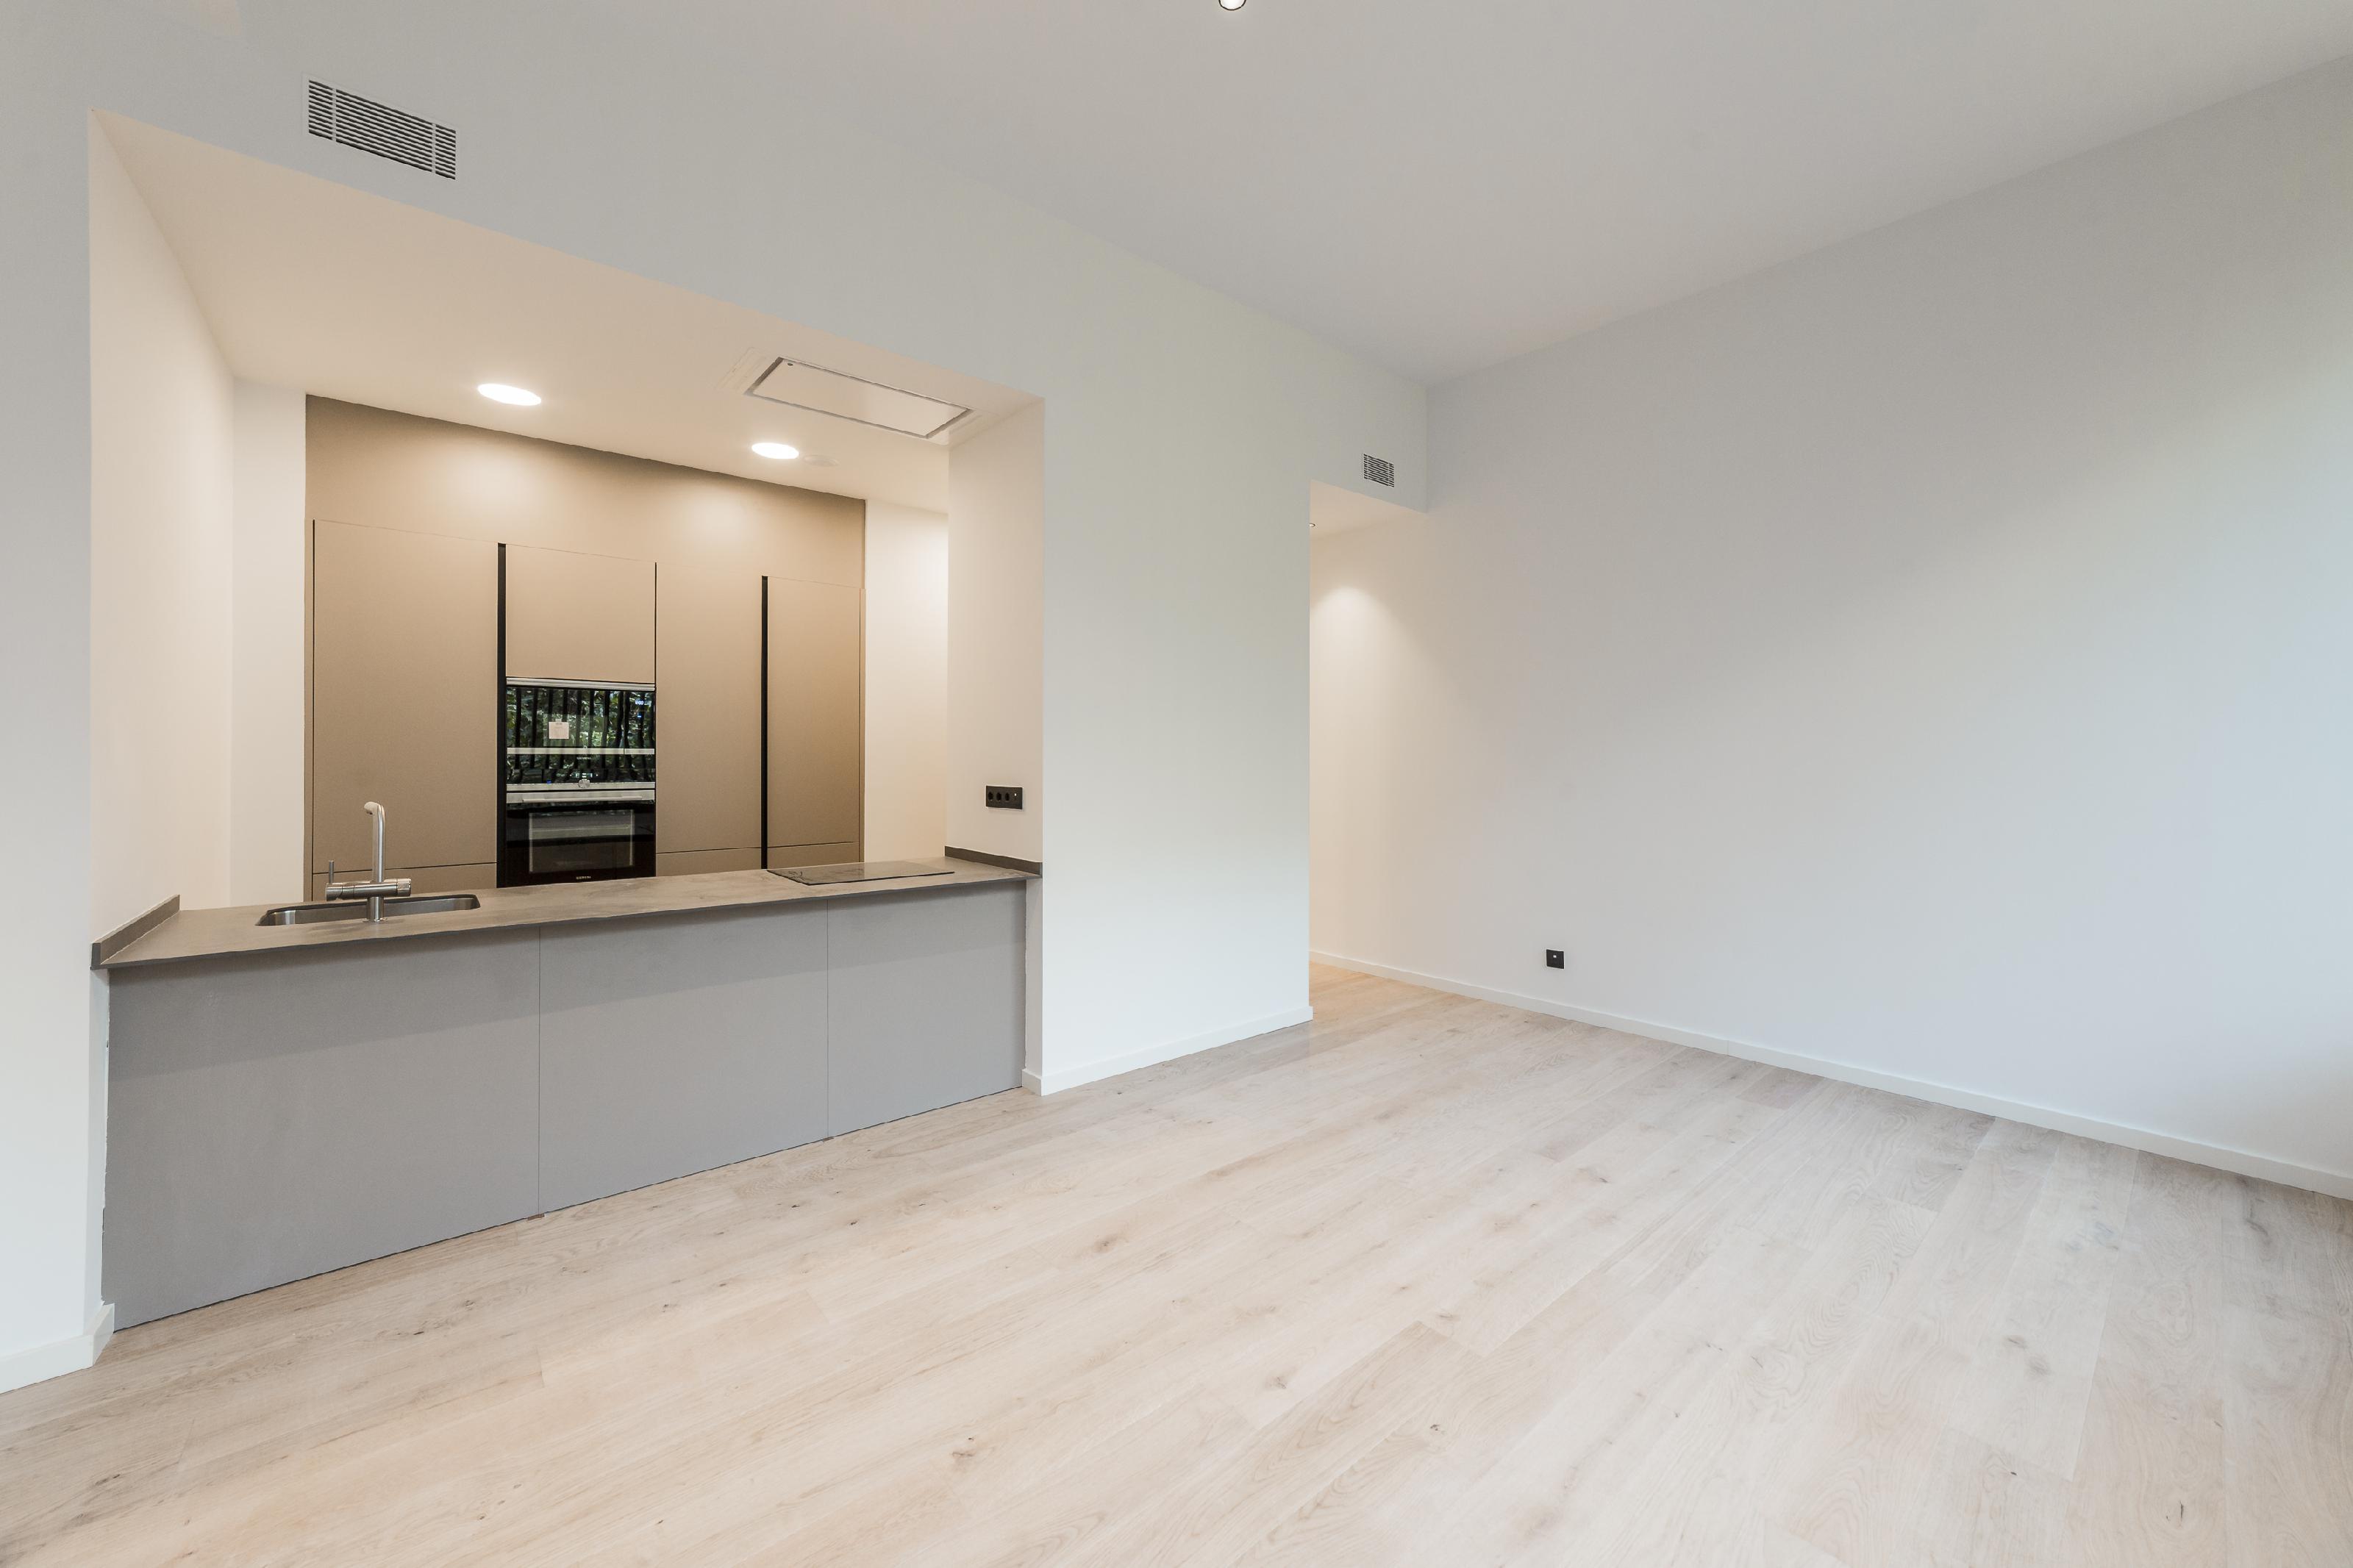 251949 Apartment for sale in Eixample, Antiga Esquerre Eixample 9